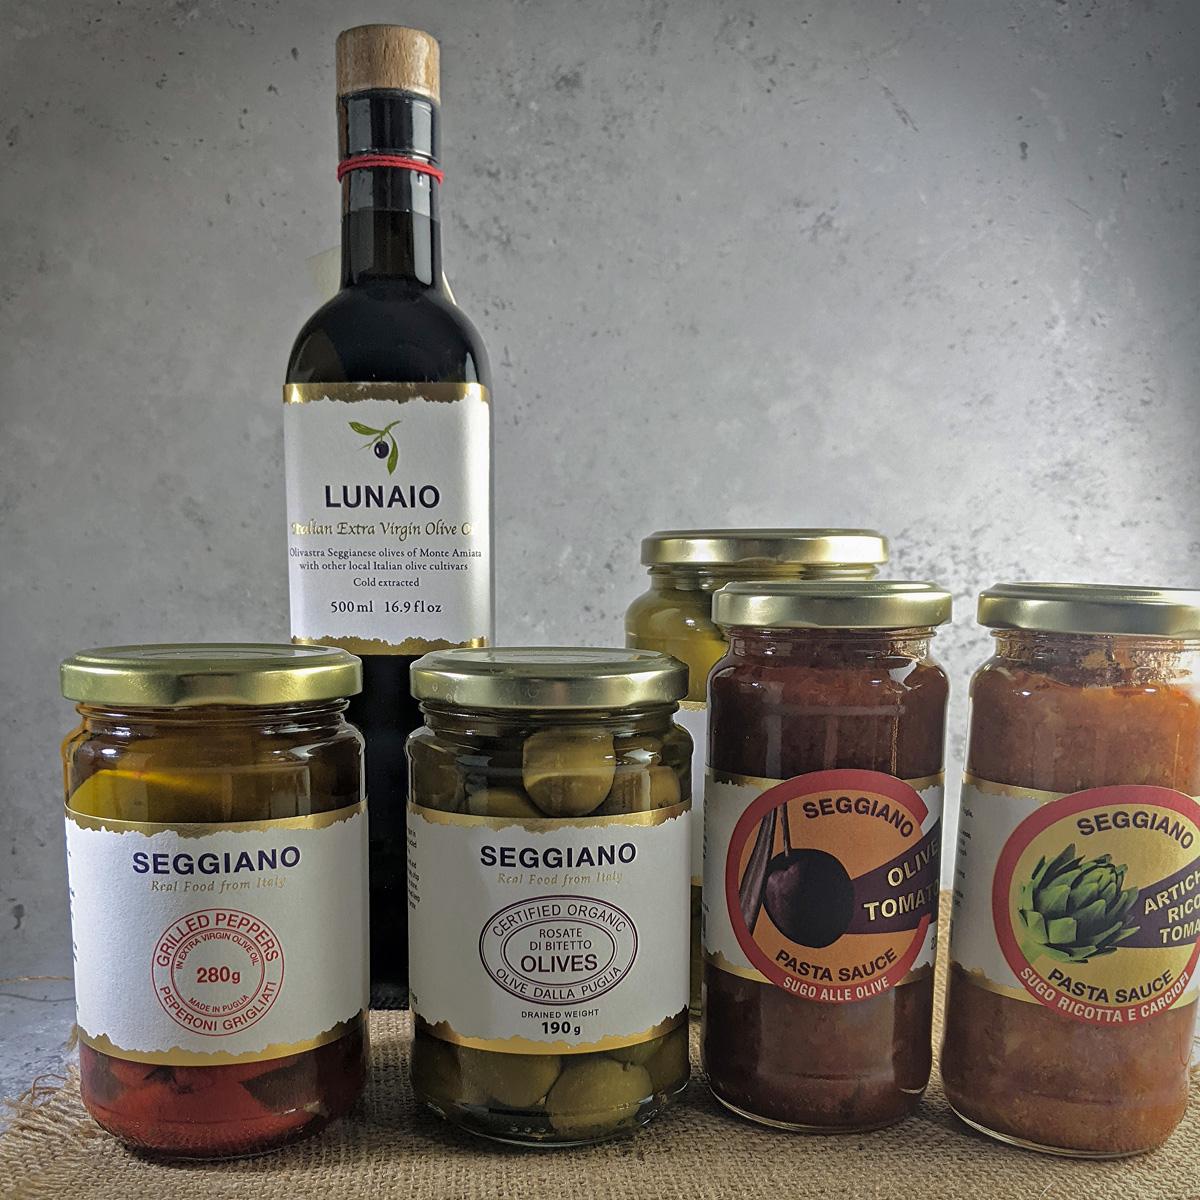 Seggiano Products Puglia